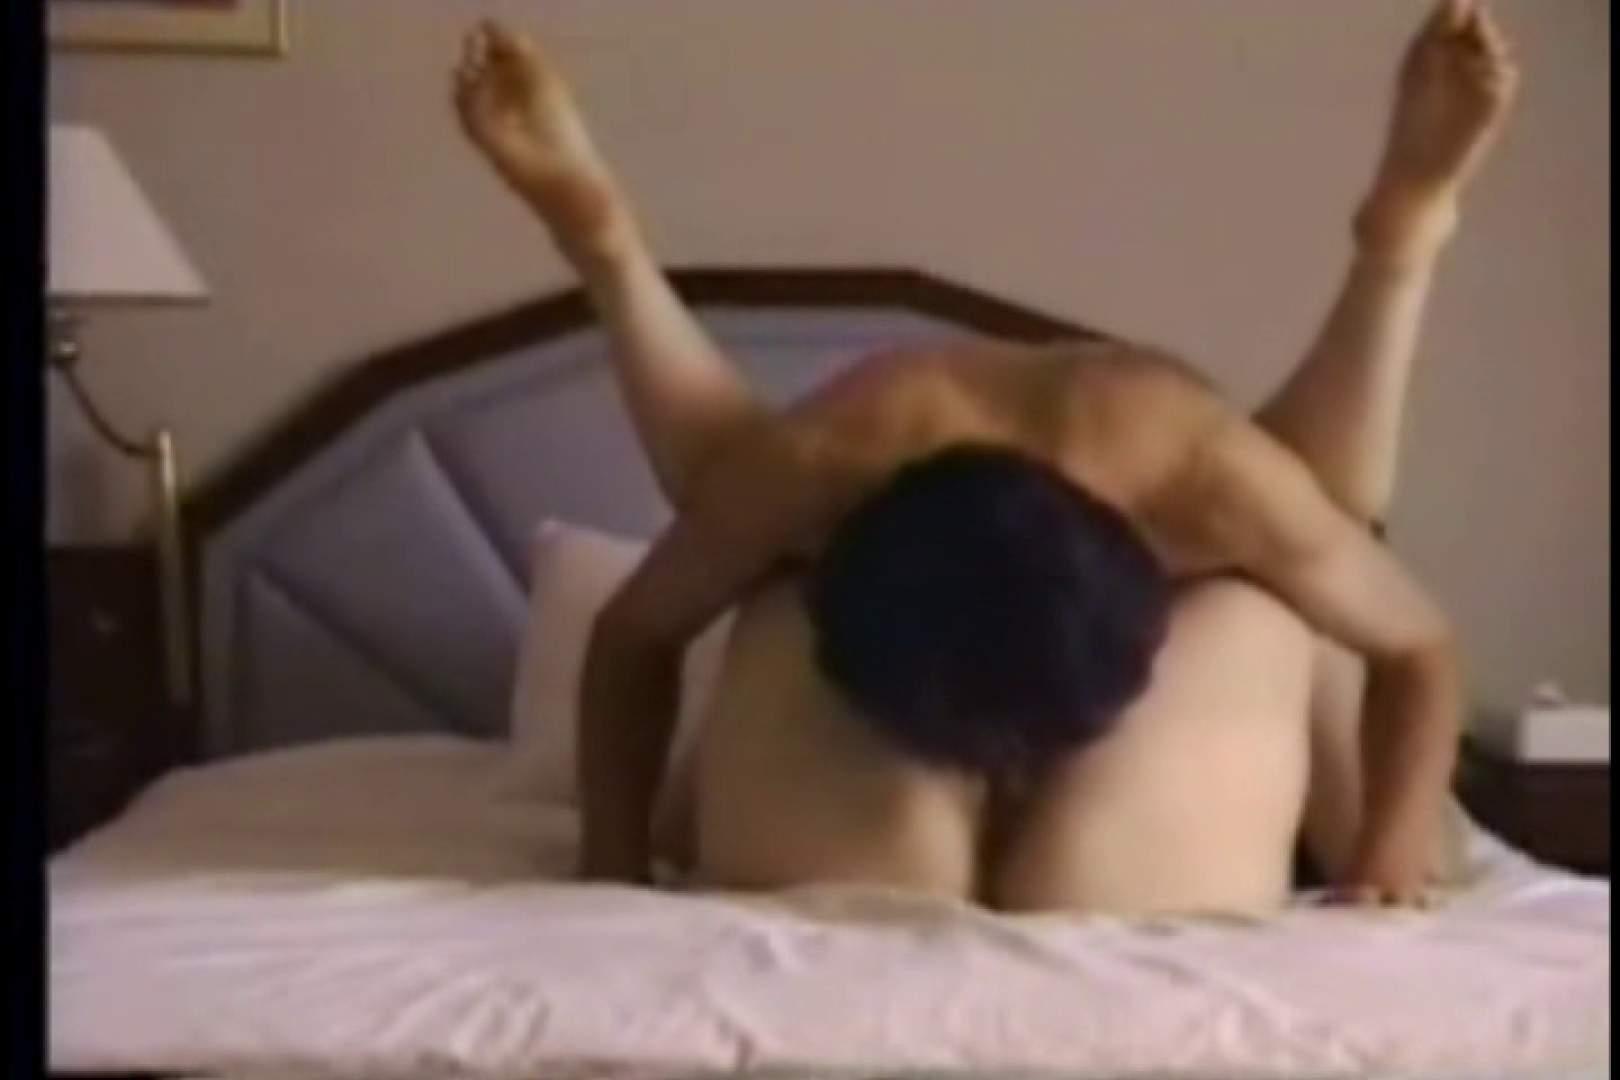 ホテルに抱かれに来る美熟女4 ホテル  95pic 54